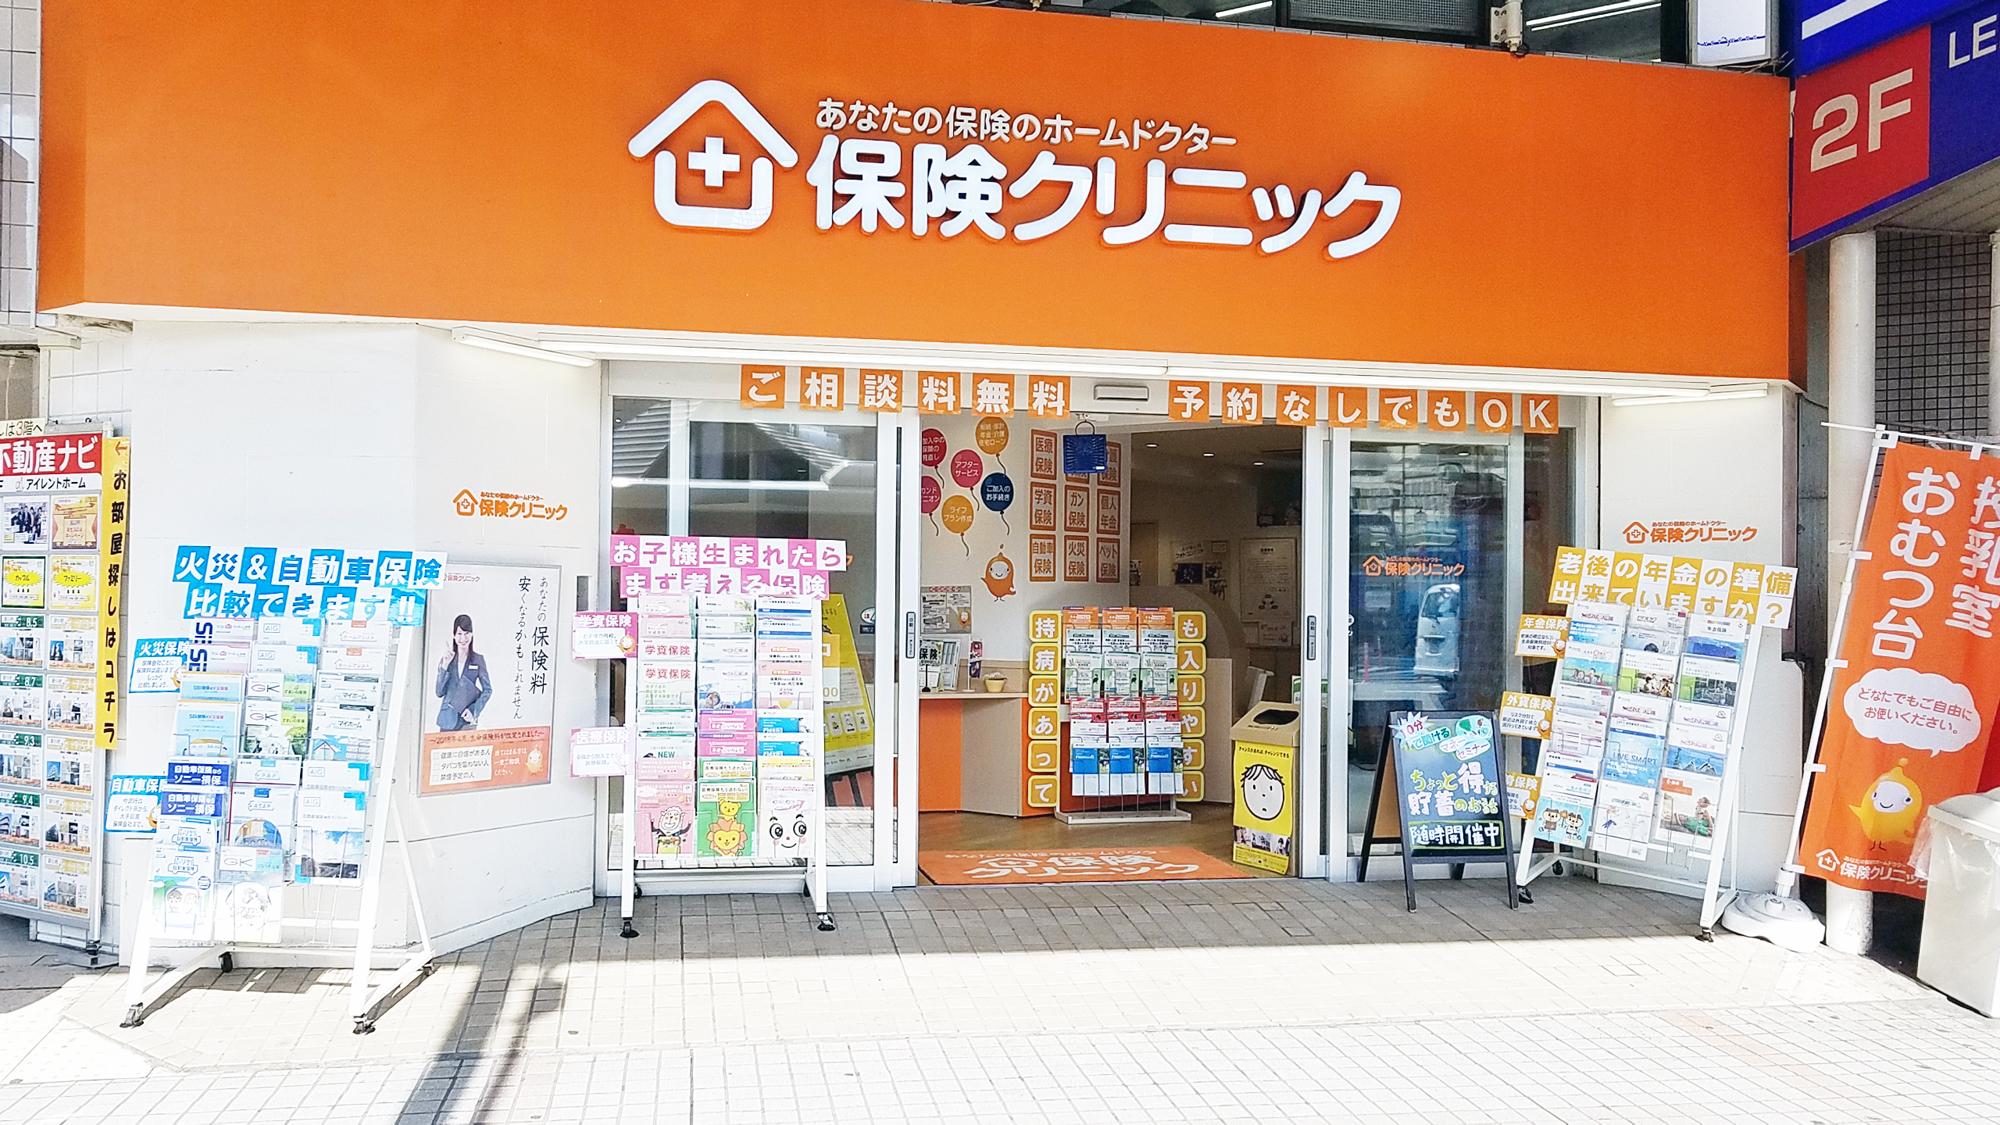 保険クリニック新小岩駅前店入り口